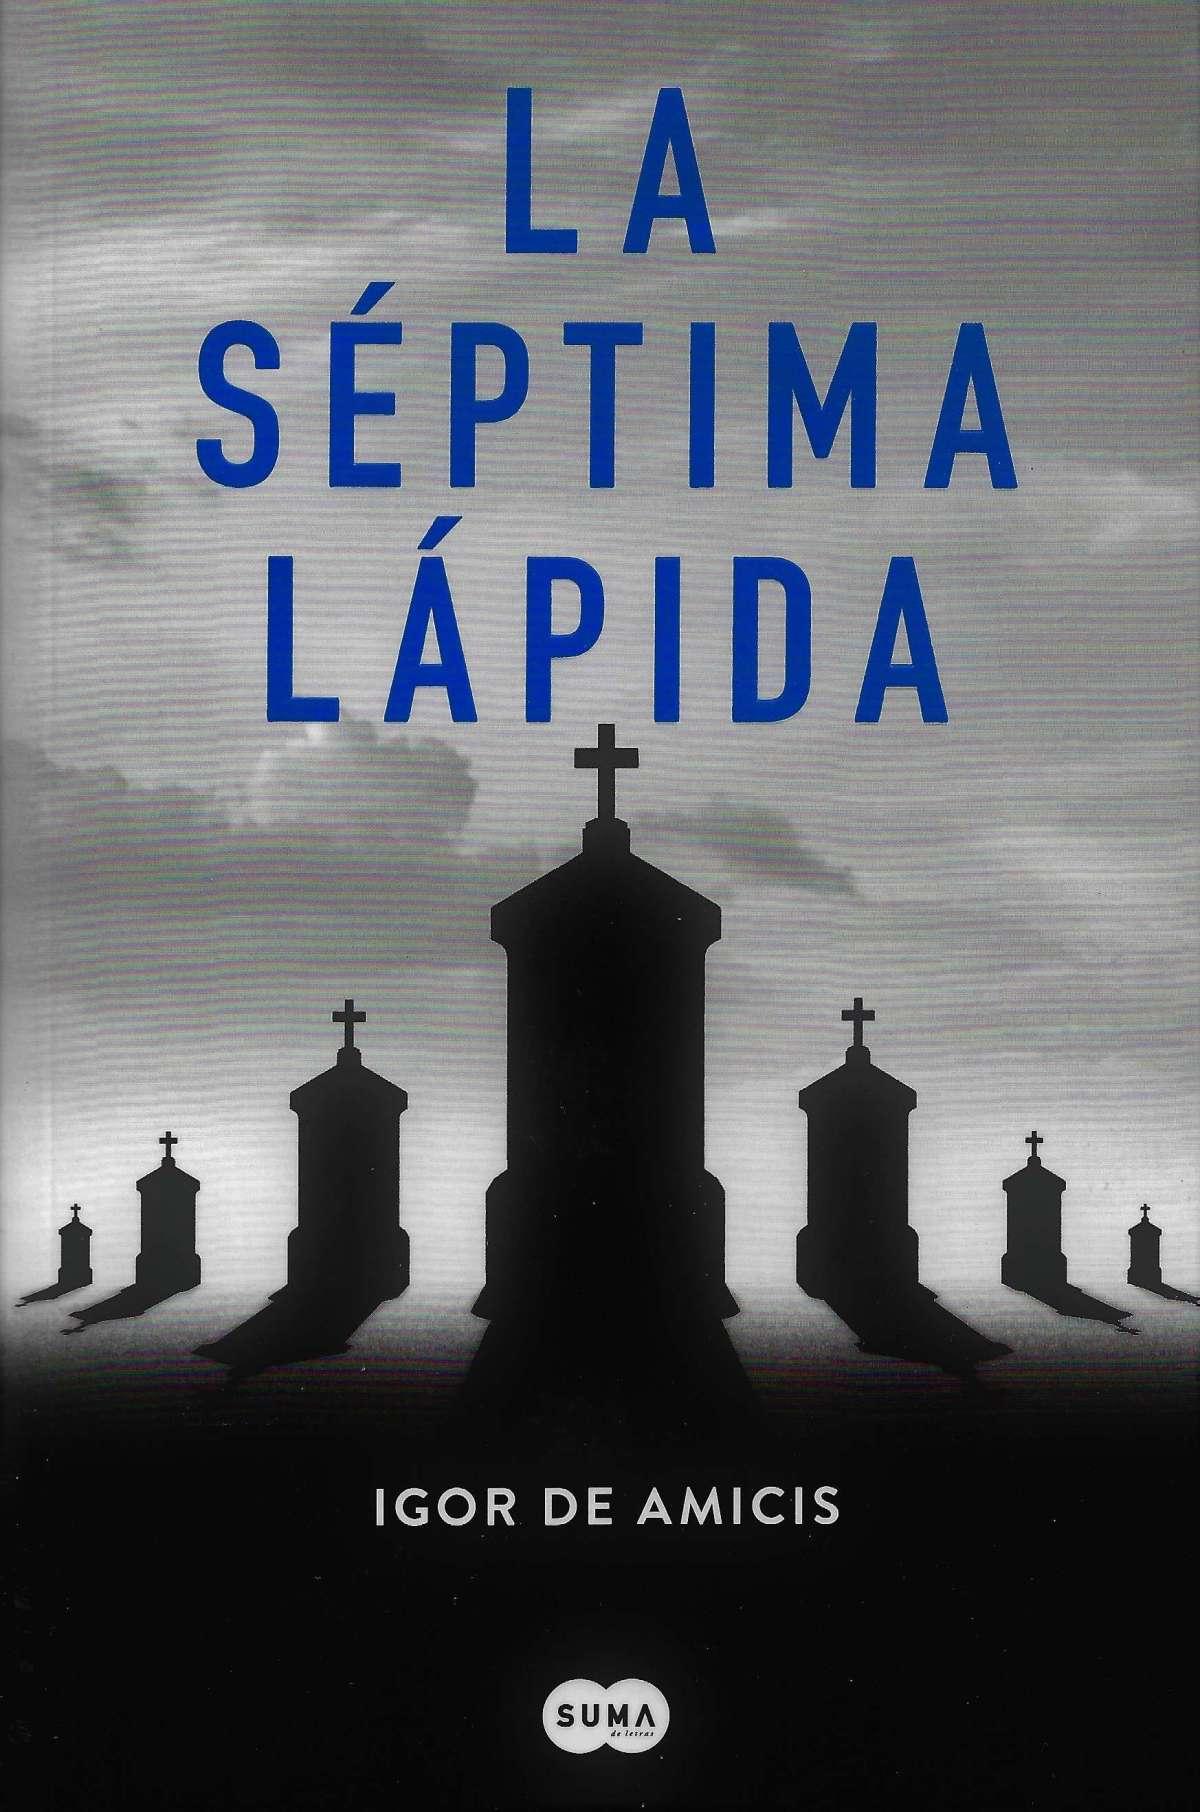 JUNIO 2020 - LAPIDA